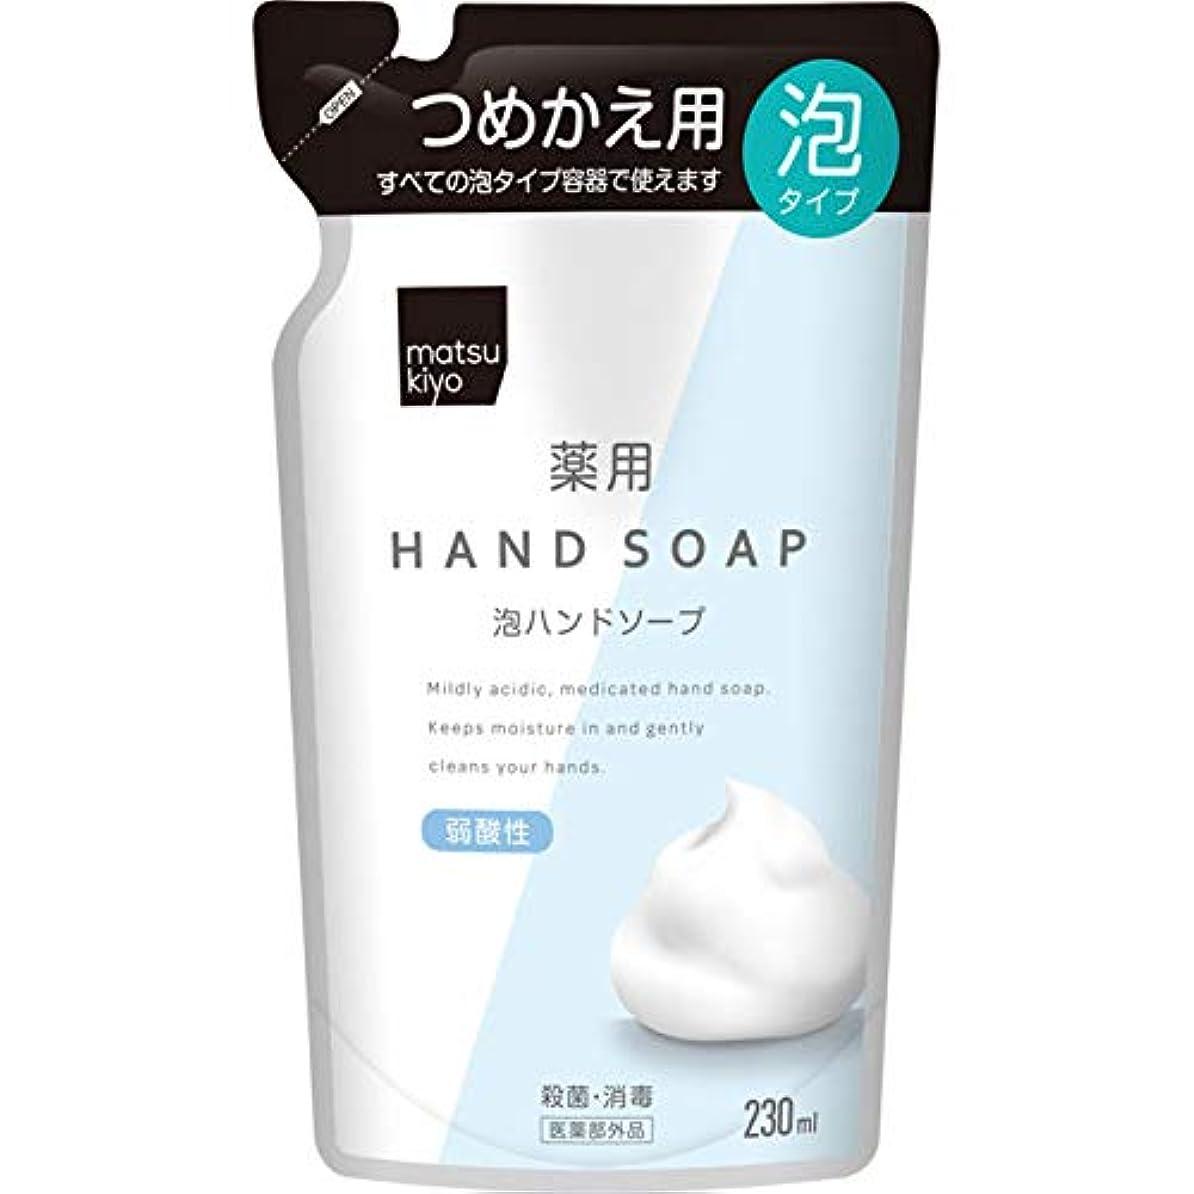 取り除くアプライアンス外向きmatsukiyo 薬用泡ハンドソープ詰替 230ml (医薬部外品)